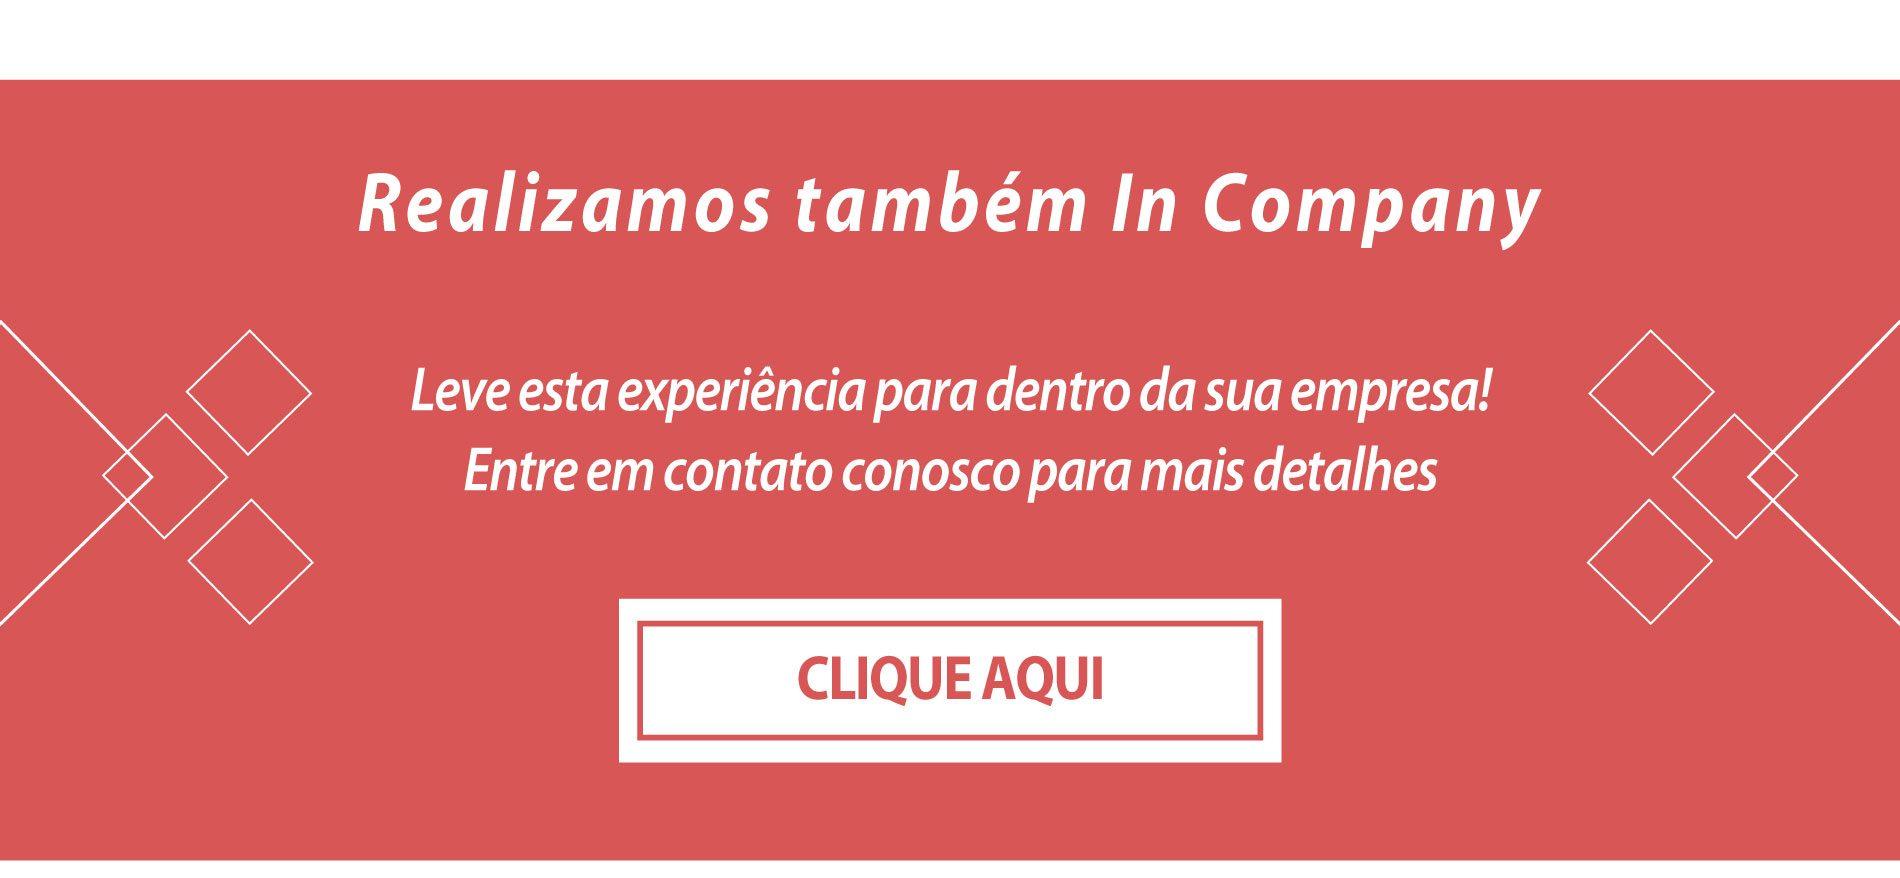 https://www.mestregp.com.br/wp-content/uploads/2018/03/Pagina-CdE-Gestão-de-Conteúdo-b-incompany-1900x878.jpg